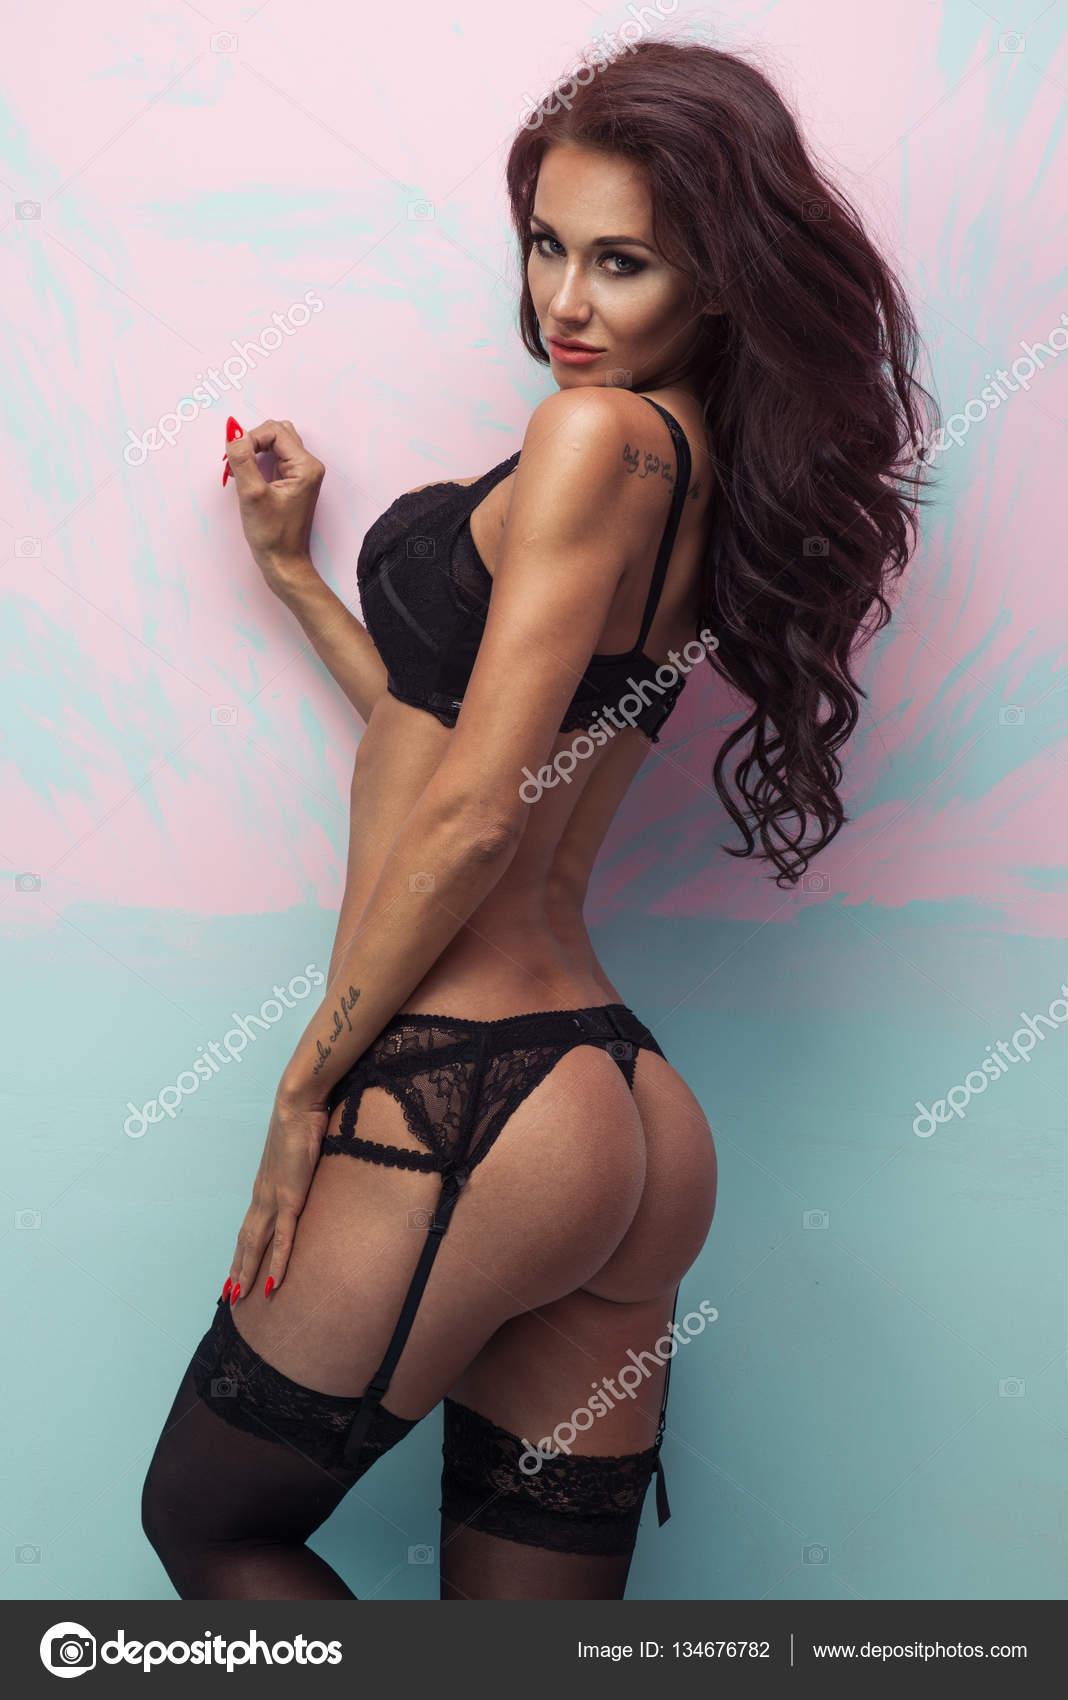 49b75f087 Hermosa mujer joven seductora en lencería sexy sobre fondo pastel — Foto de  Stock